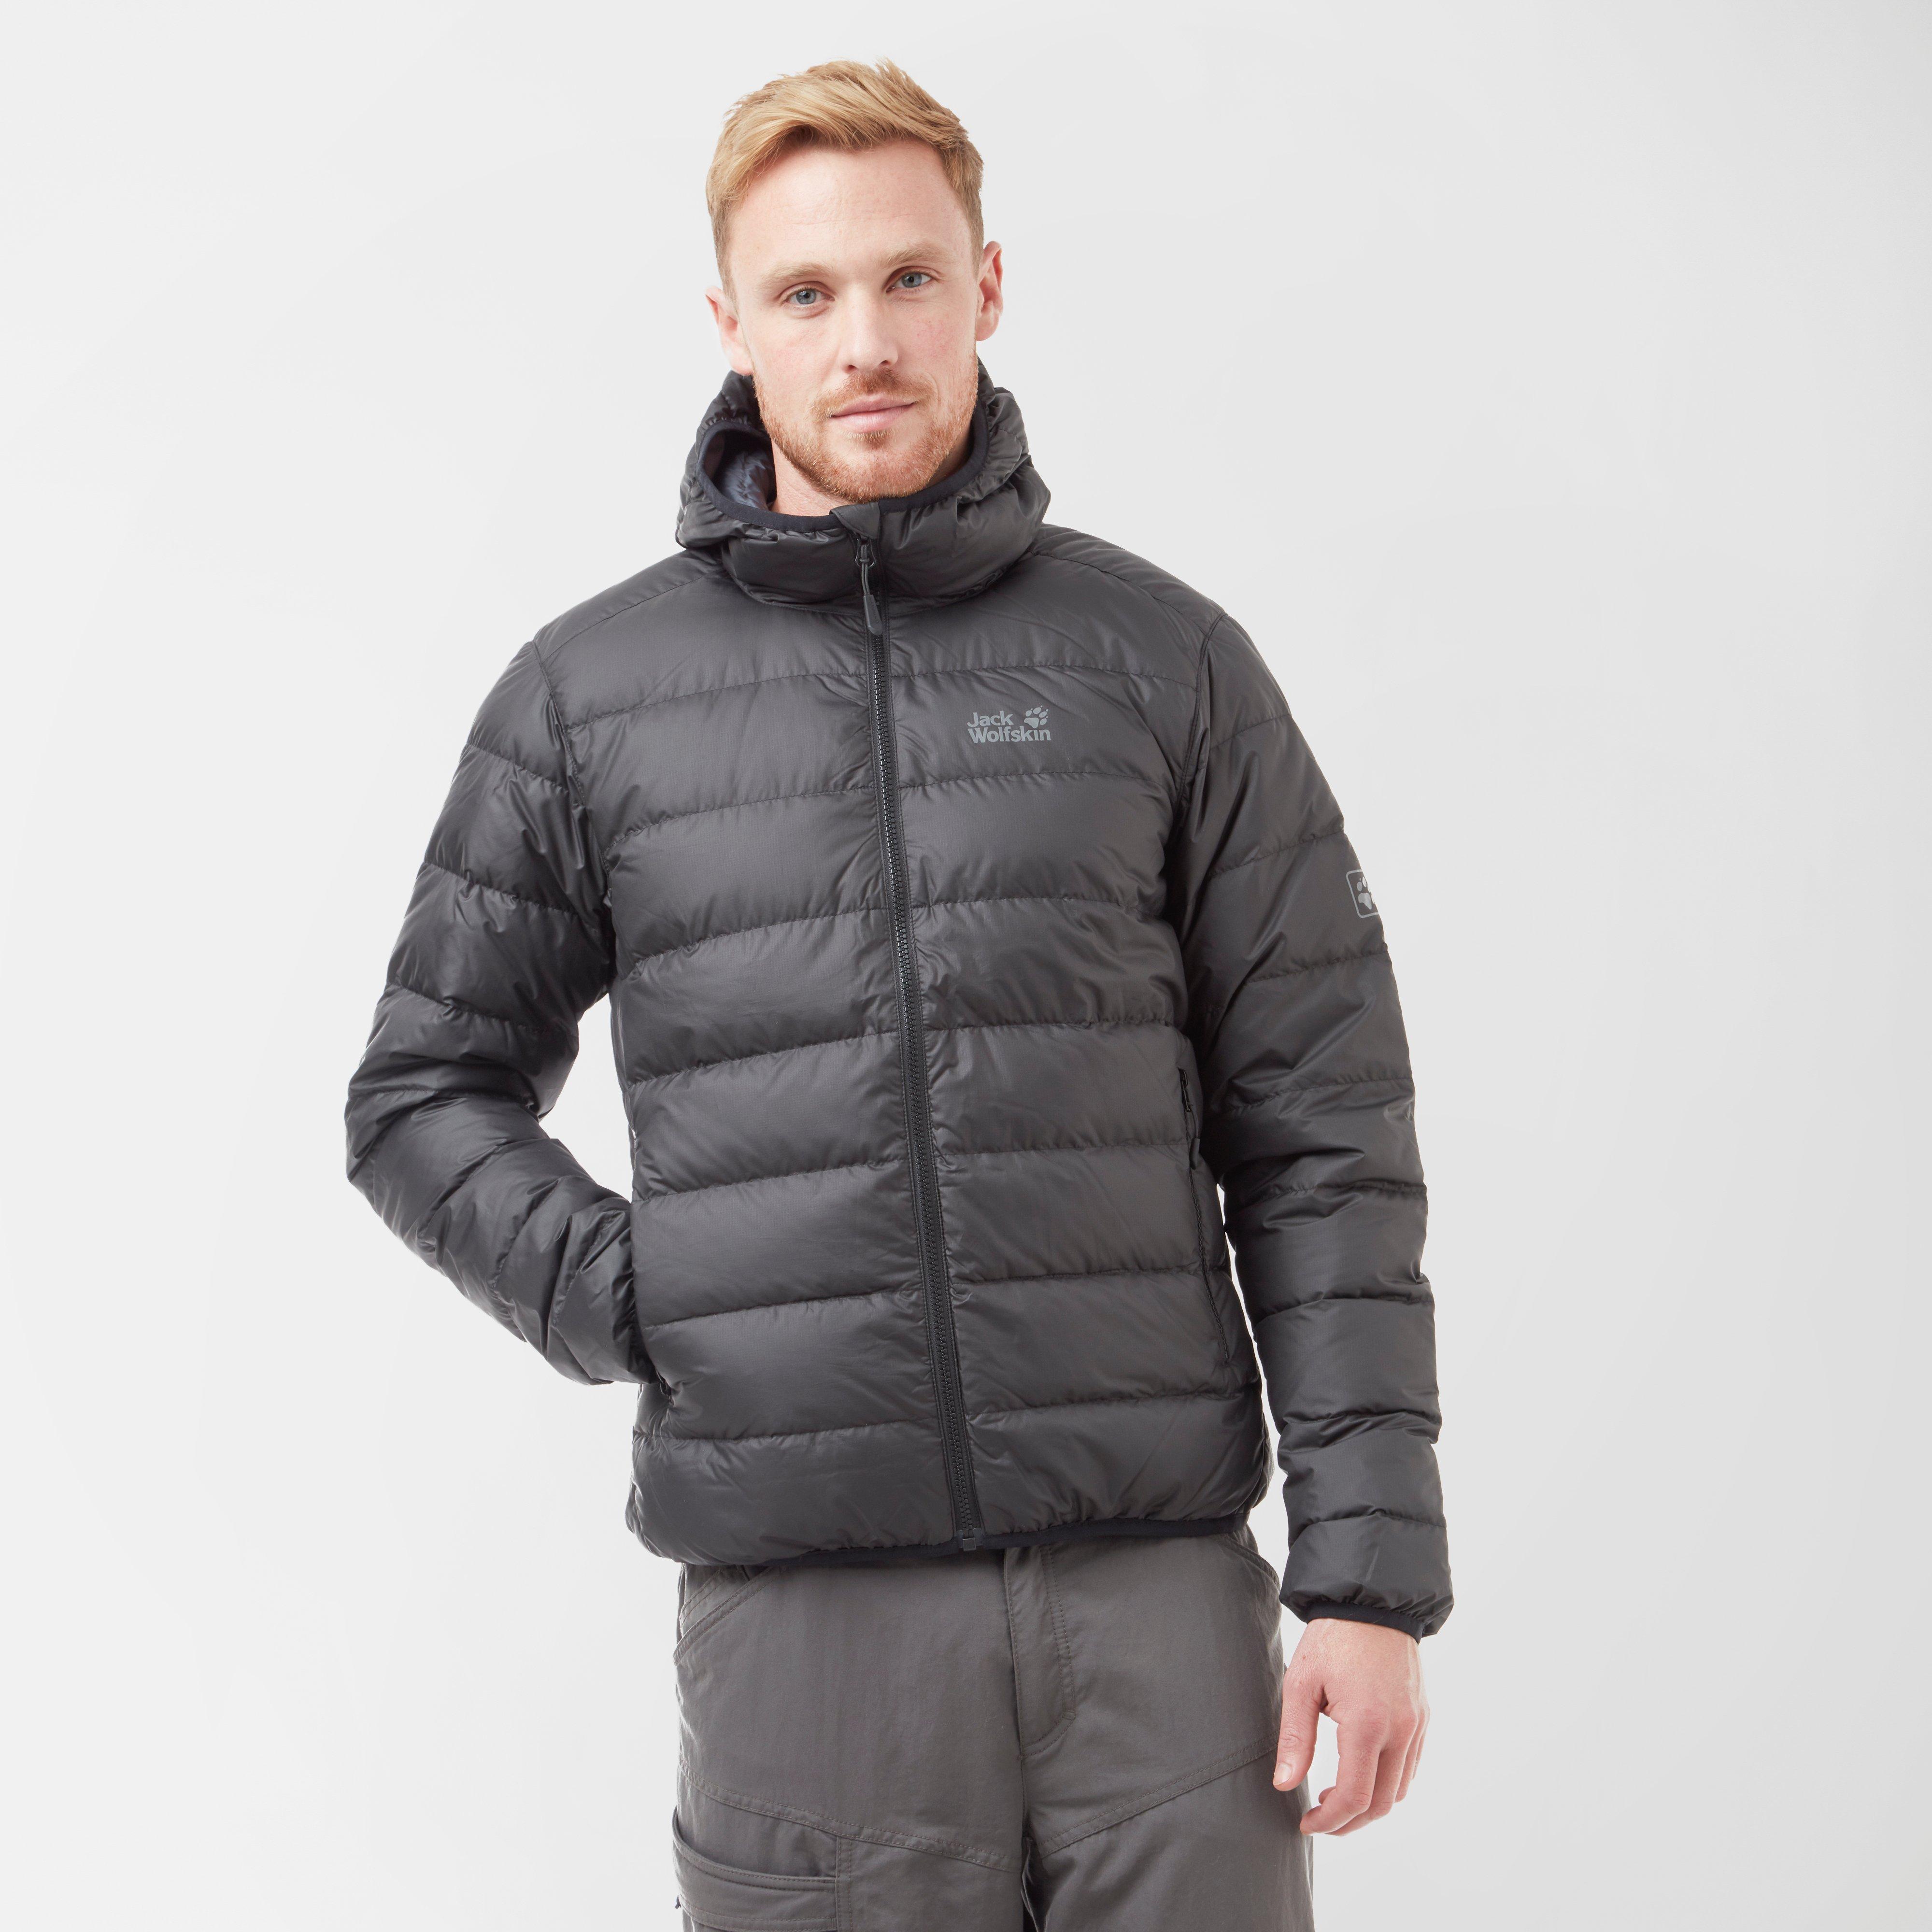 jack wolfskin helium down jacket men s jacket compare. Black Bedroom Furniture Sets. Home Design Ideas